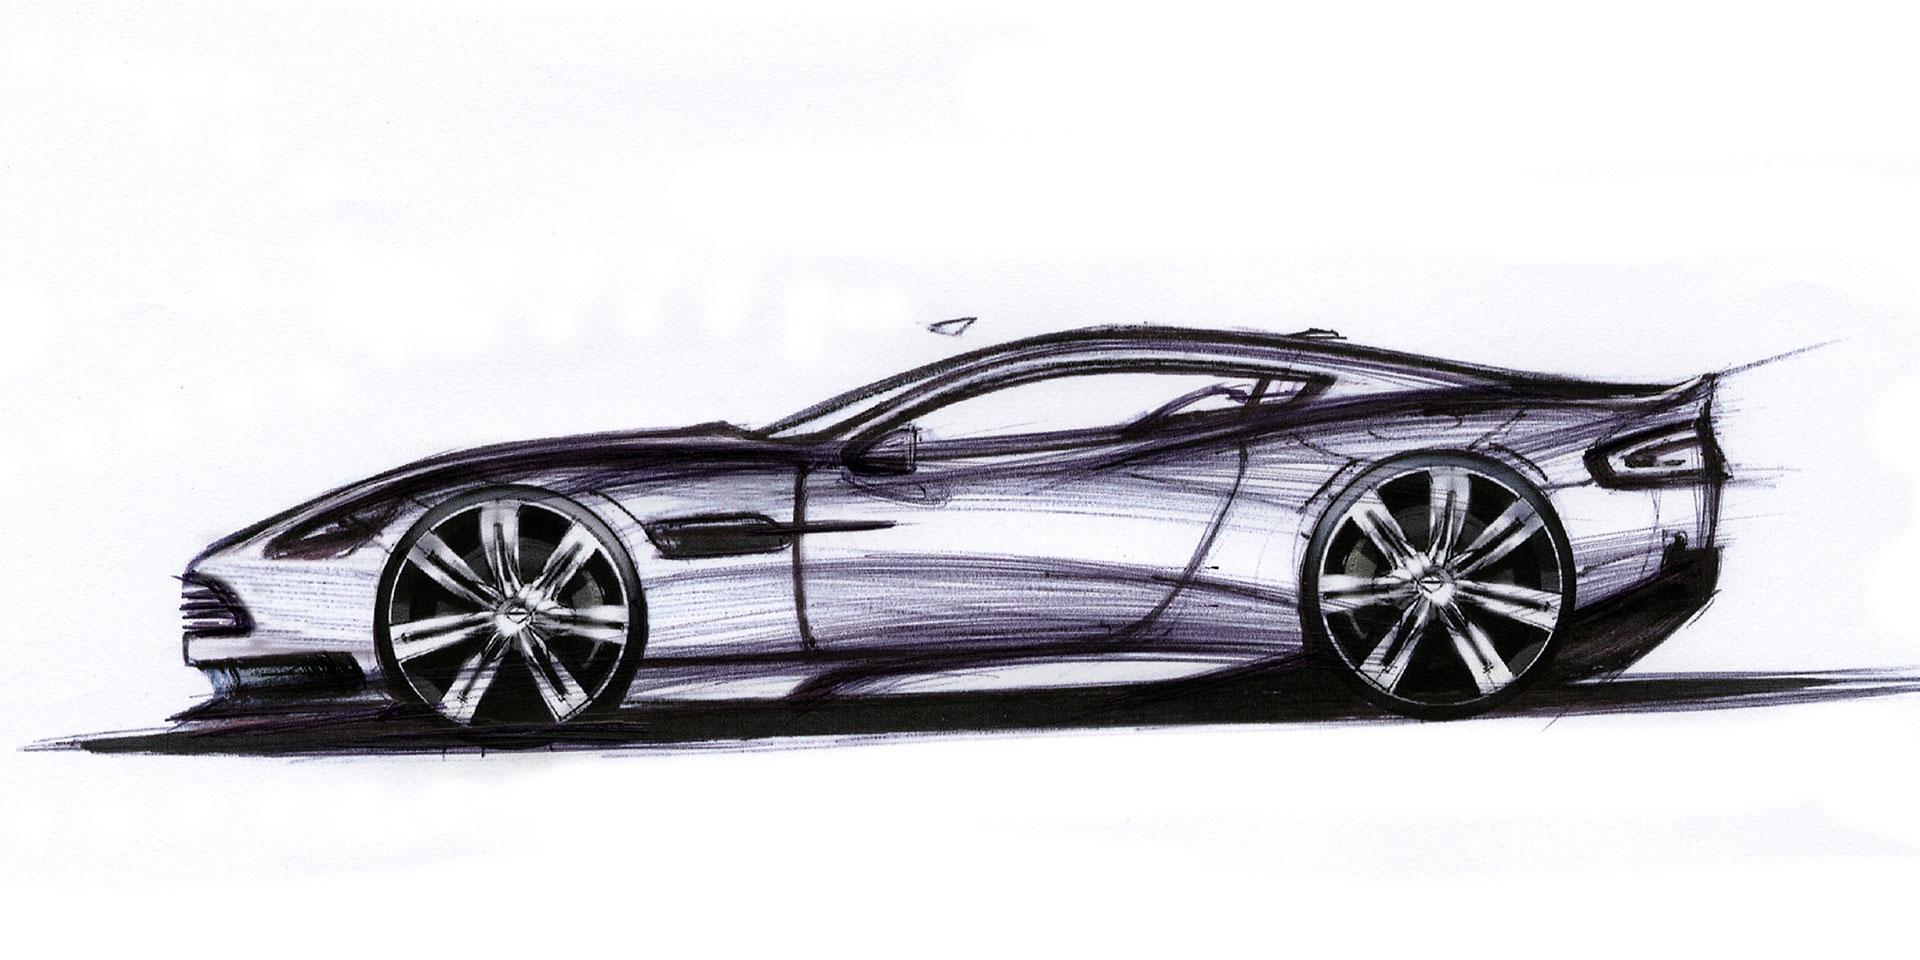 Aston Martin Dbs Casino Royale 007 Car Design Sketch Car Body Design